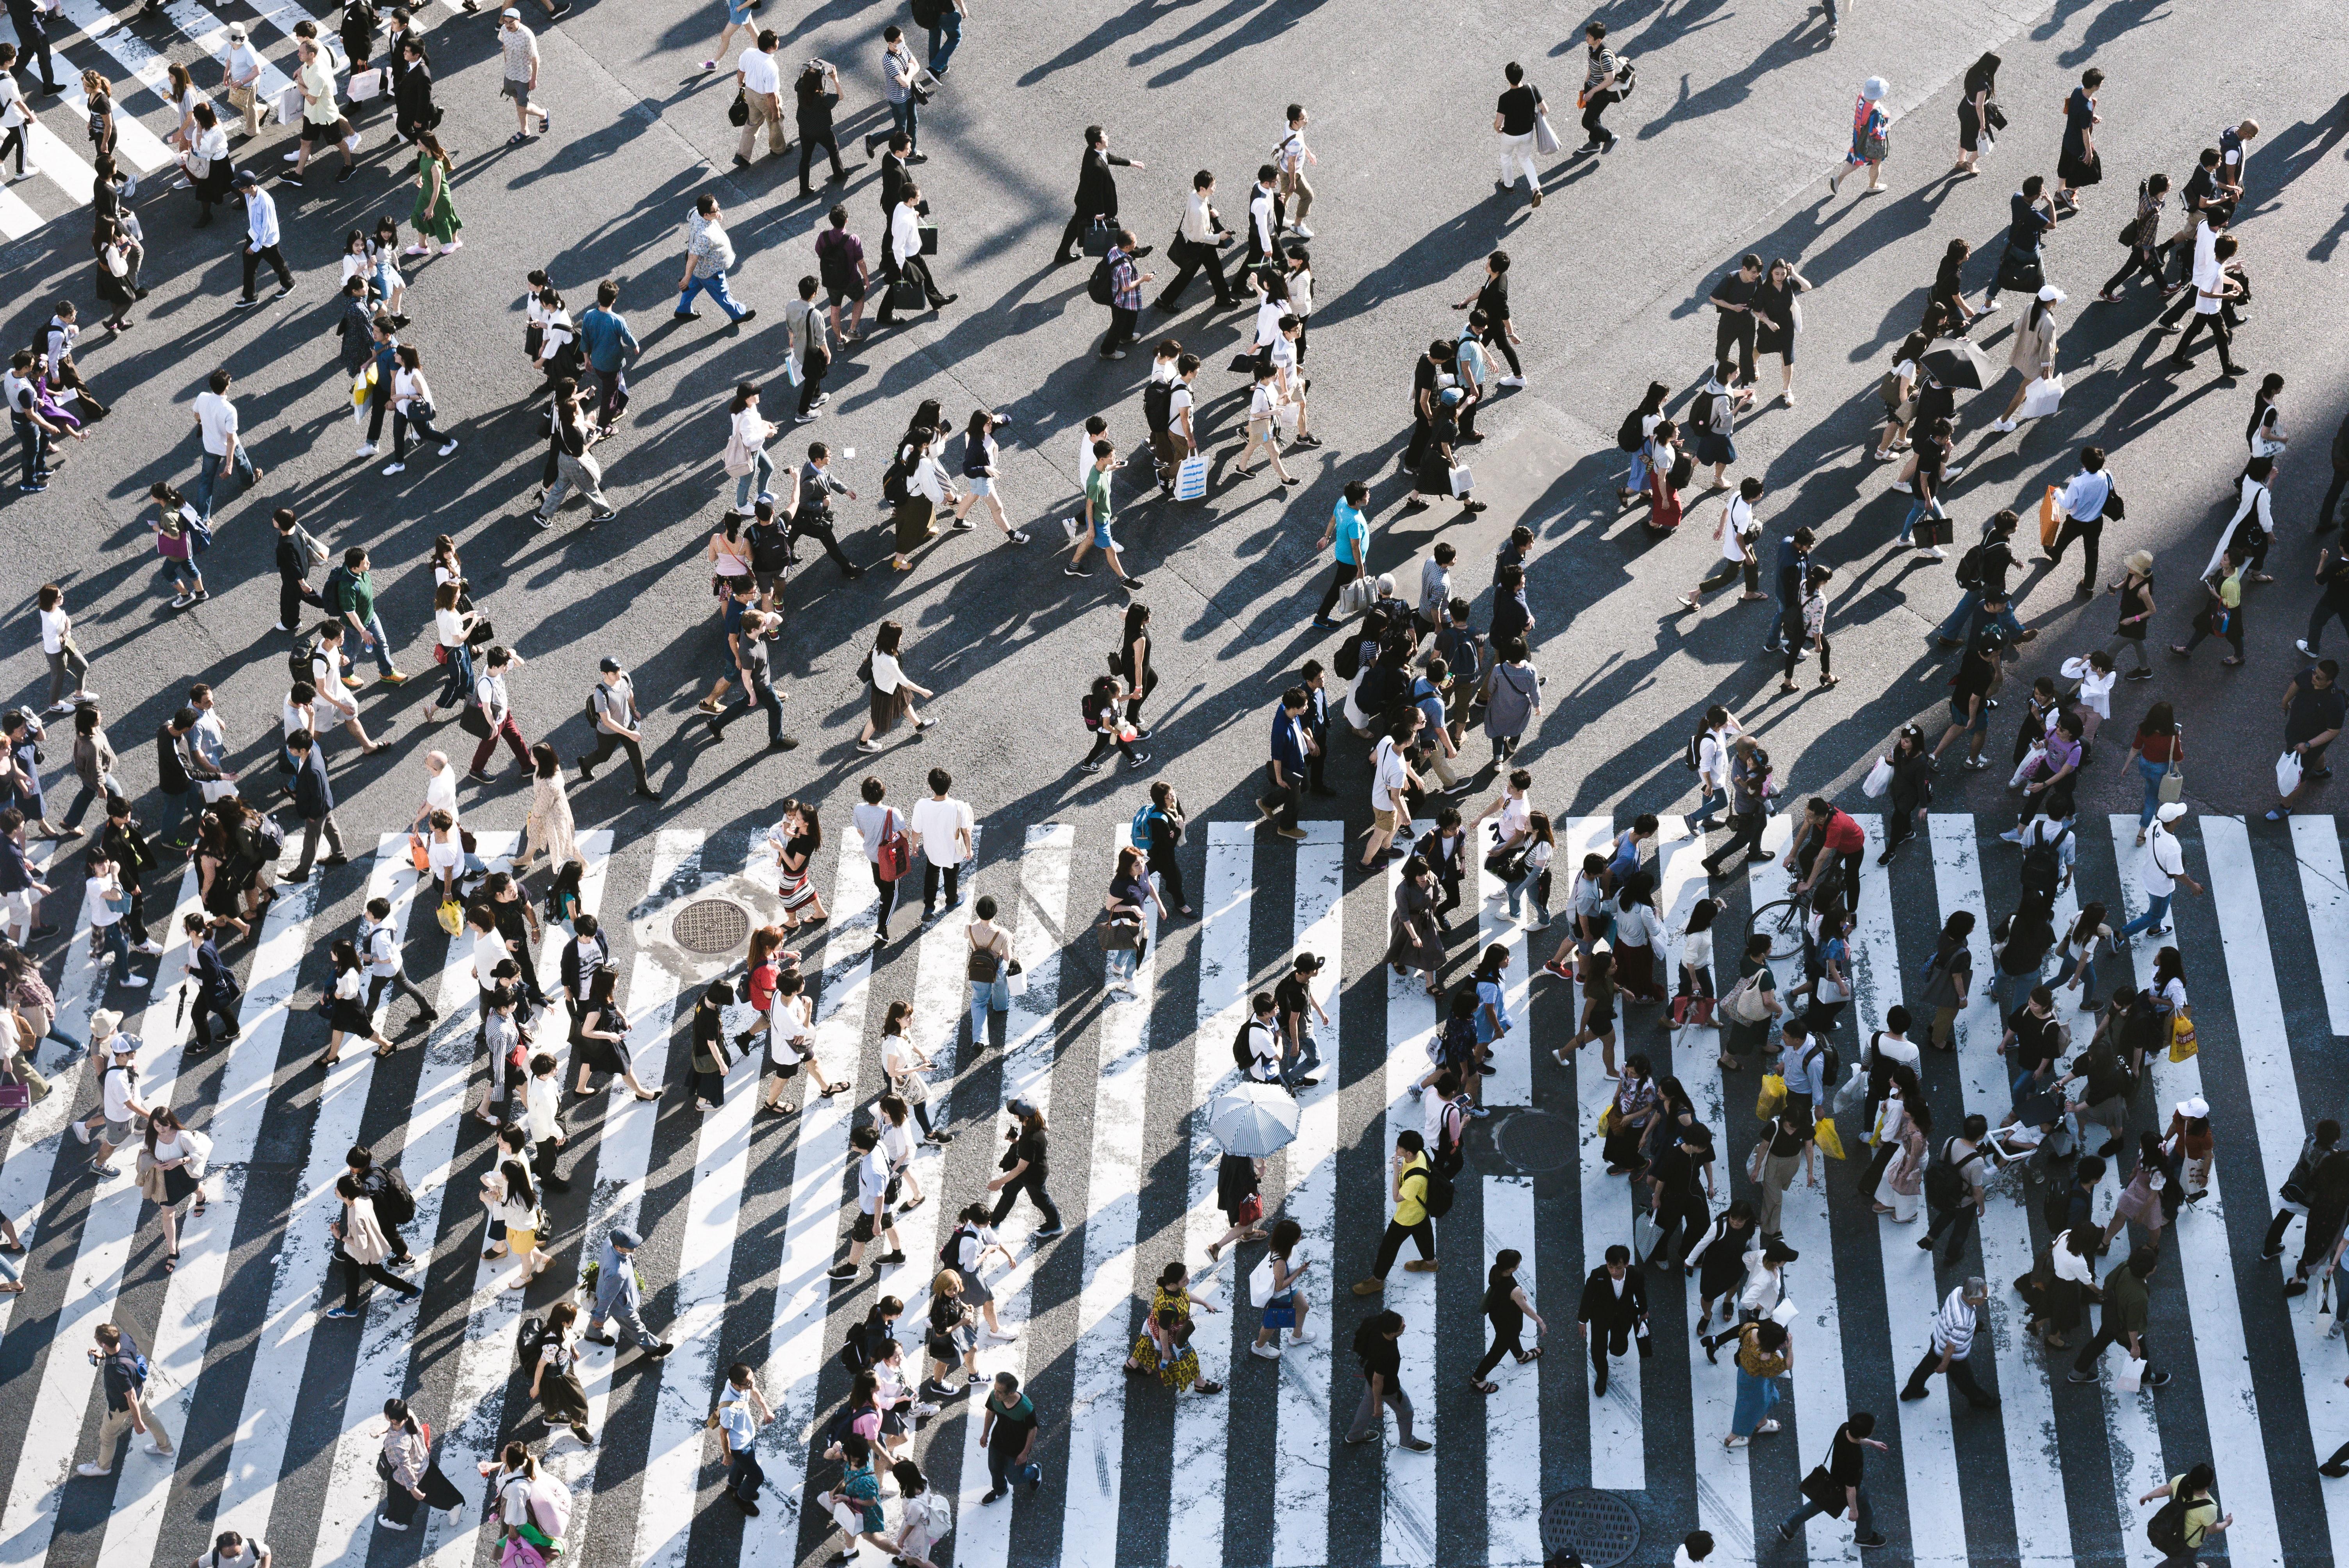 E-commerçant, comment appréhender votre tactique d'acquisition de trafic face à vos concurrents ?